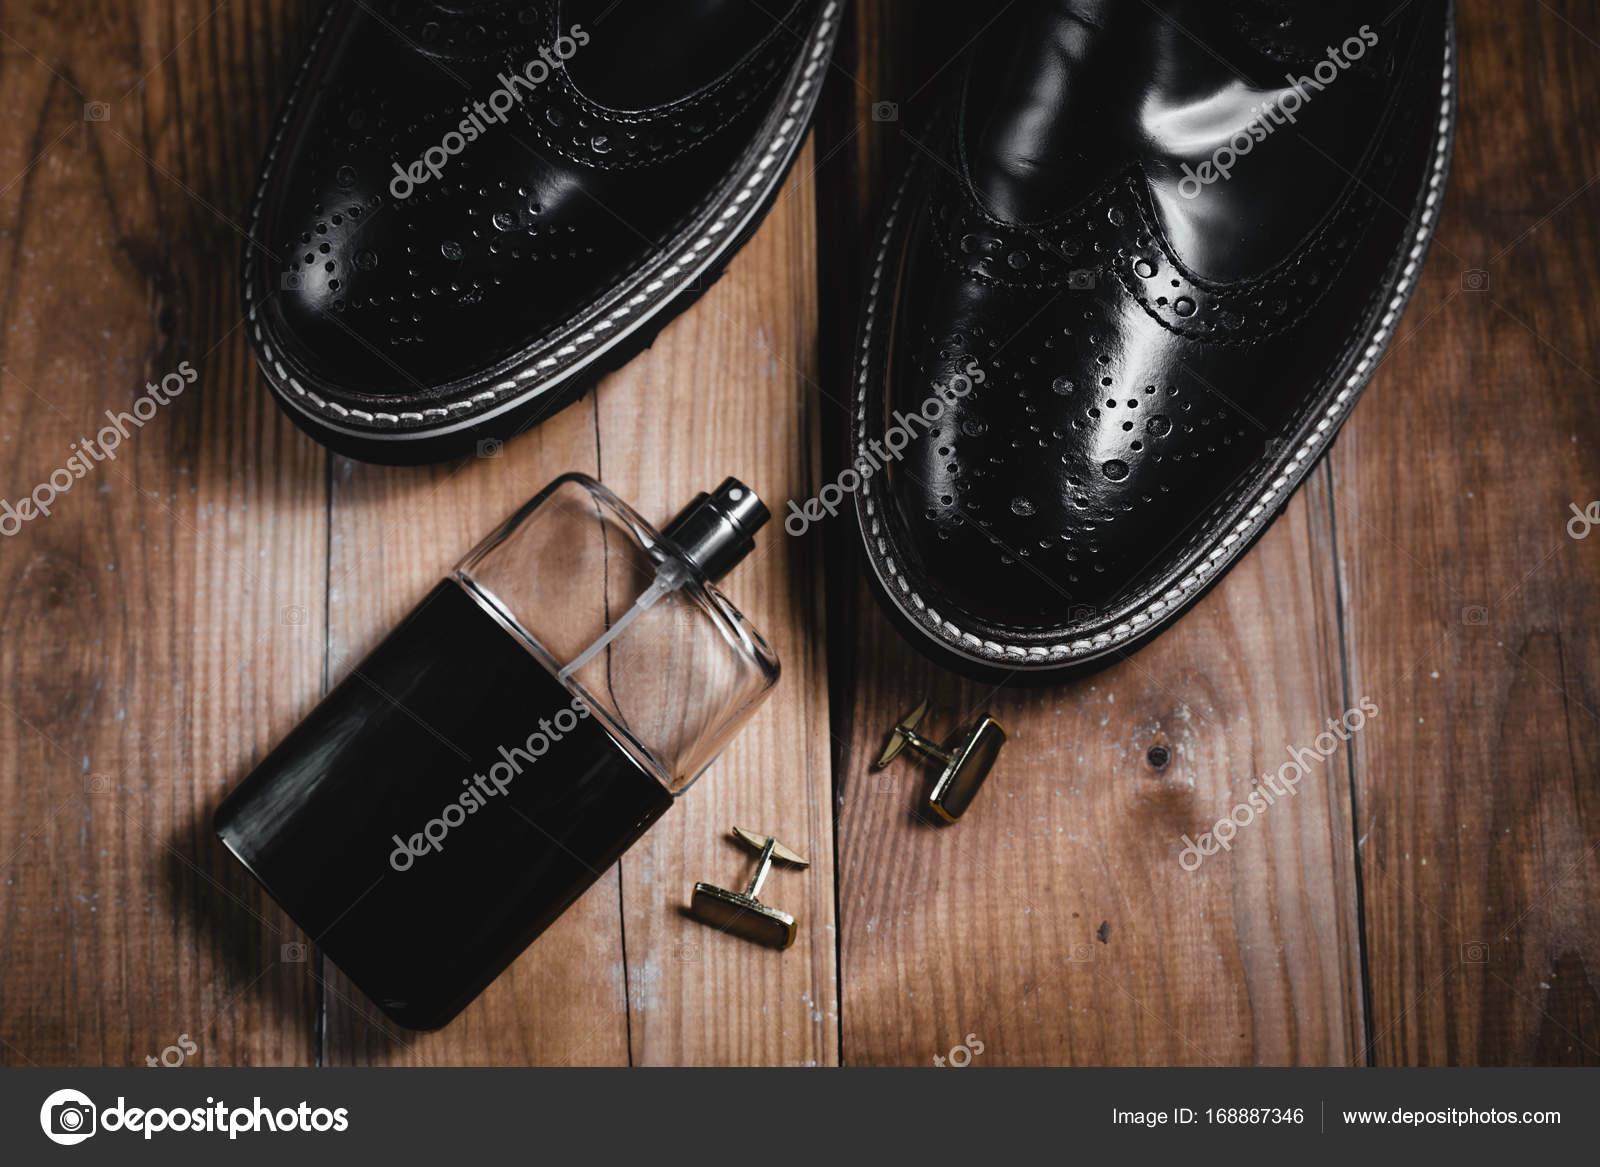 9b1ddf7c62e Mans αξεσουάρ. Παπούτσια με άρωμα και μανσέτα — Φωτογραφία Αρχείου ...